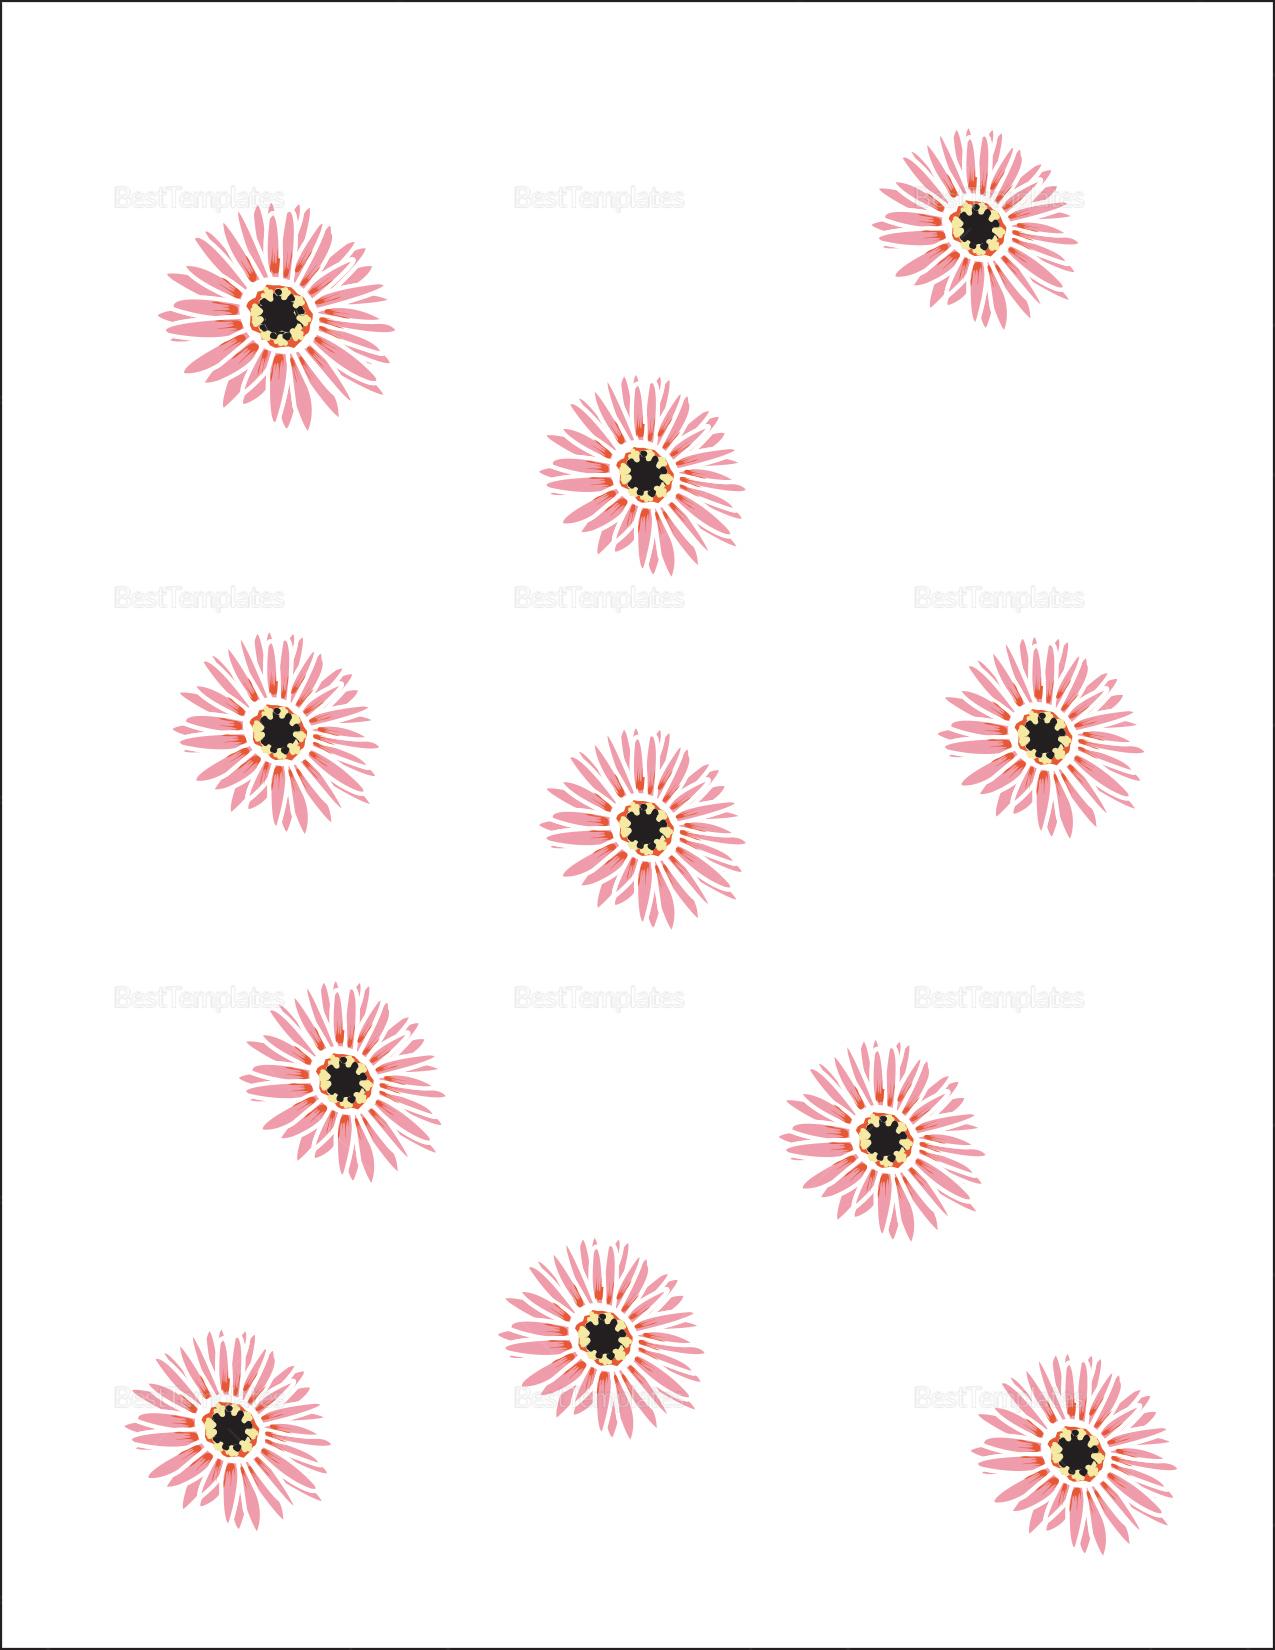 Floral Wedding Envelope Design Template